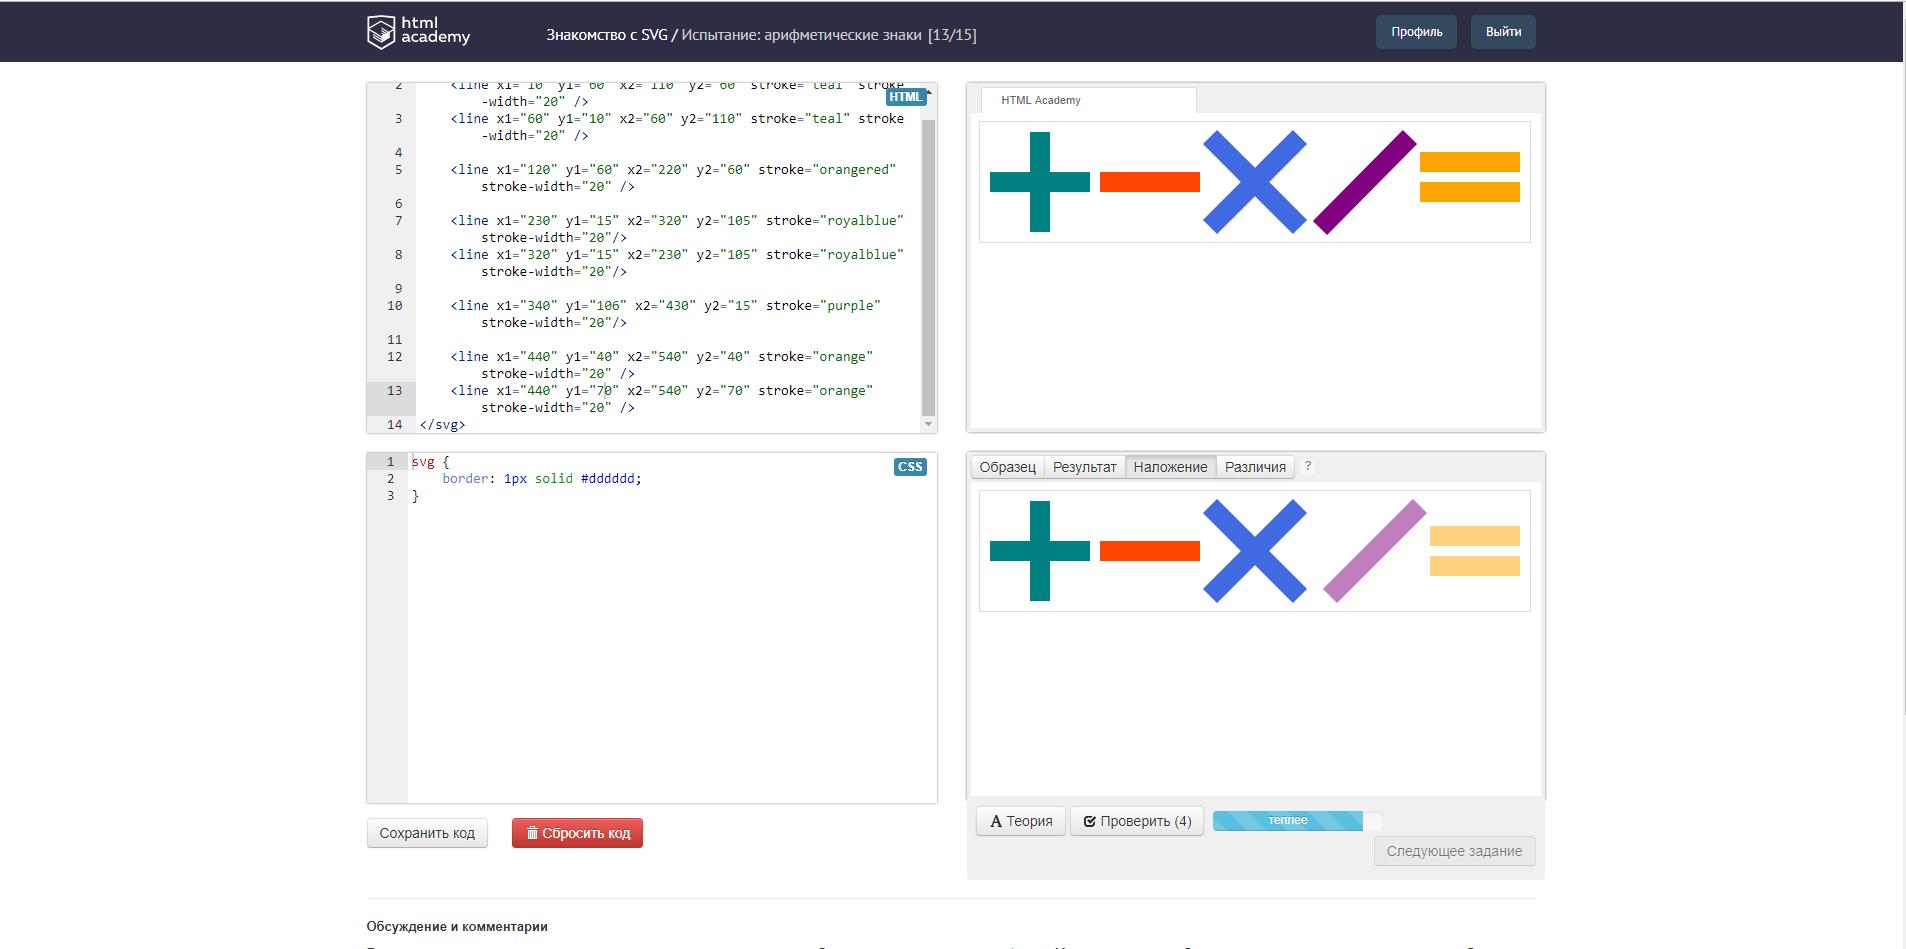 html academy знакомство с svg испытание мишень